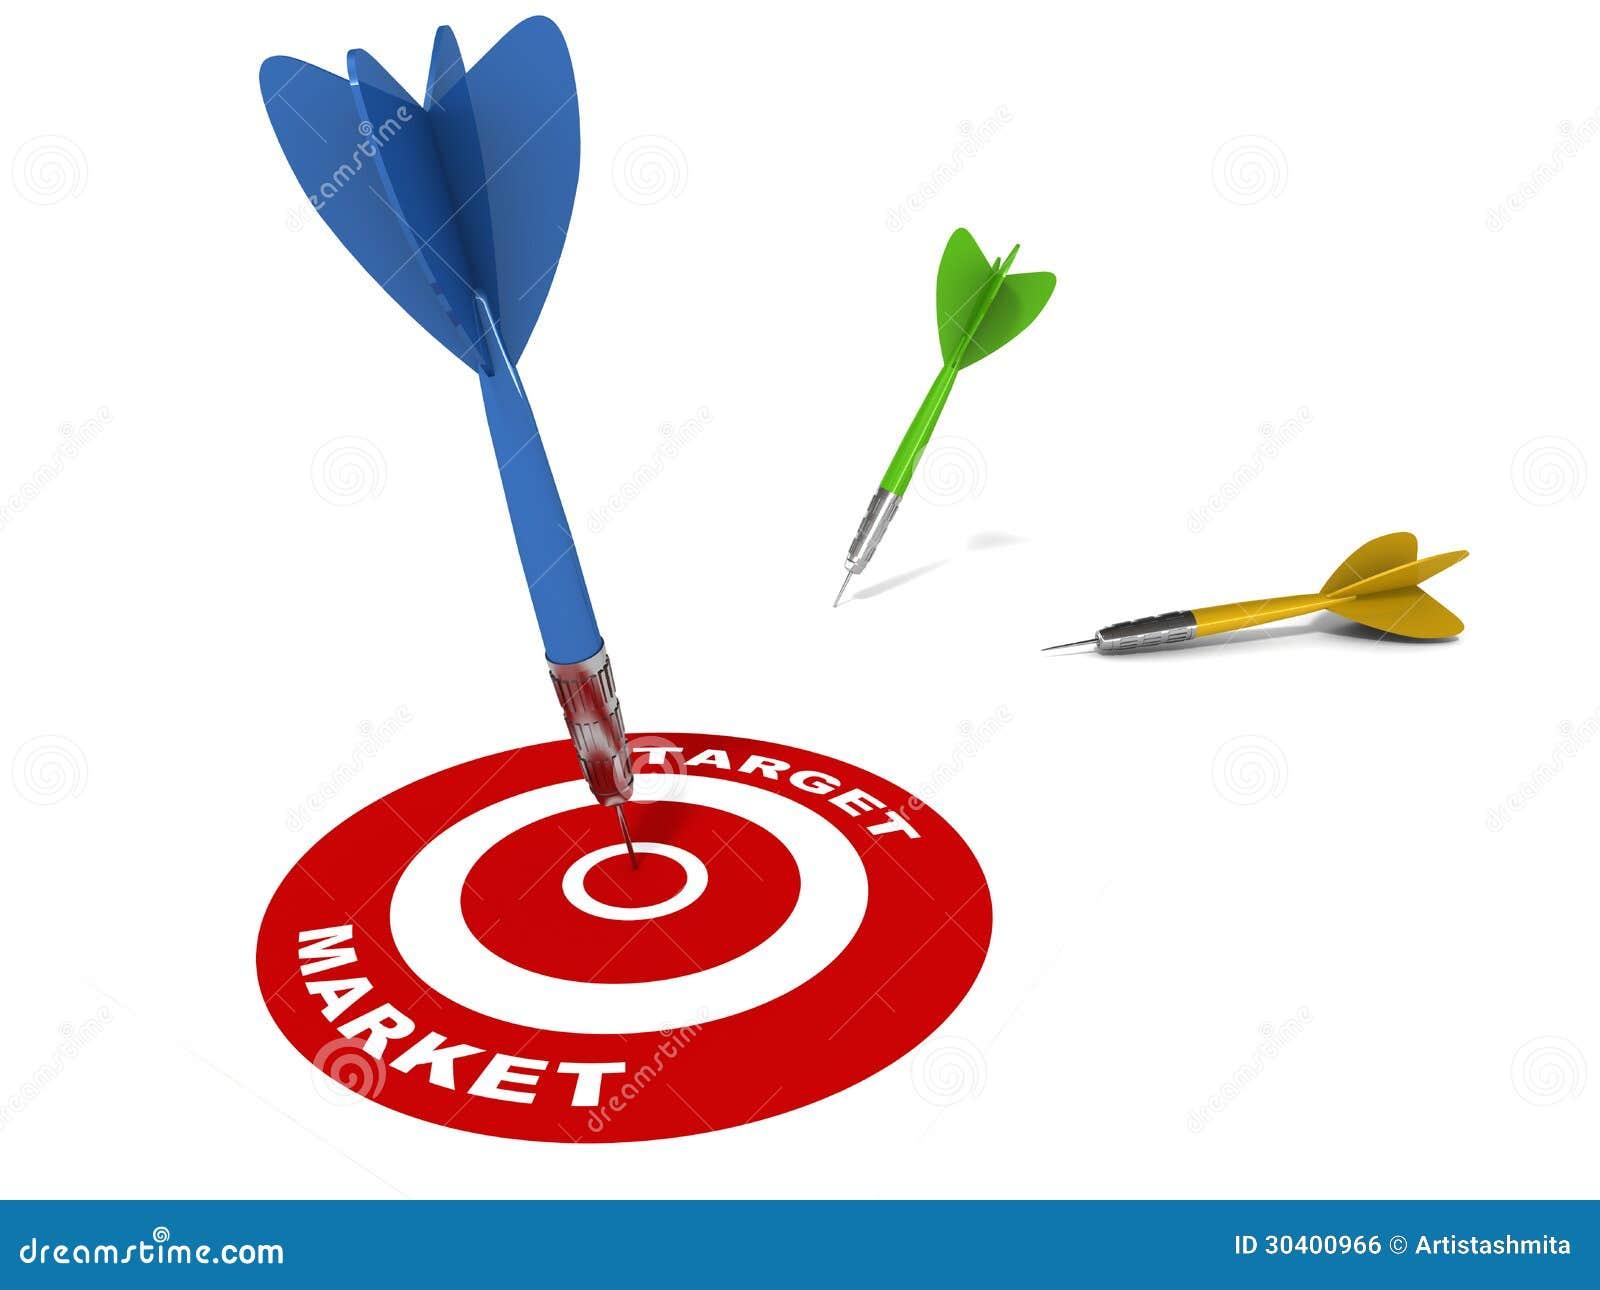 Image result for image of target market